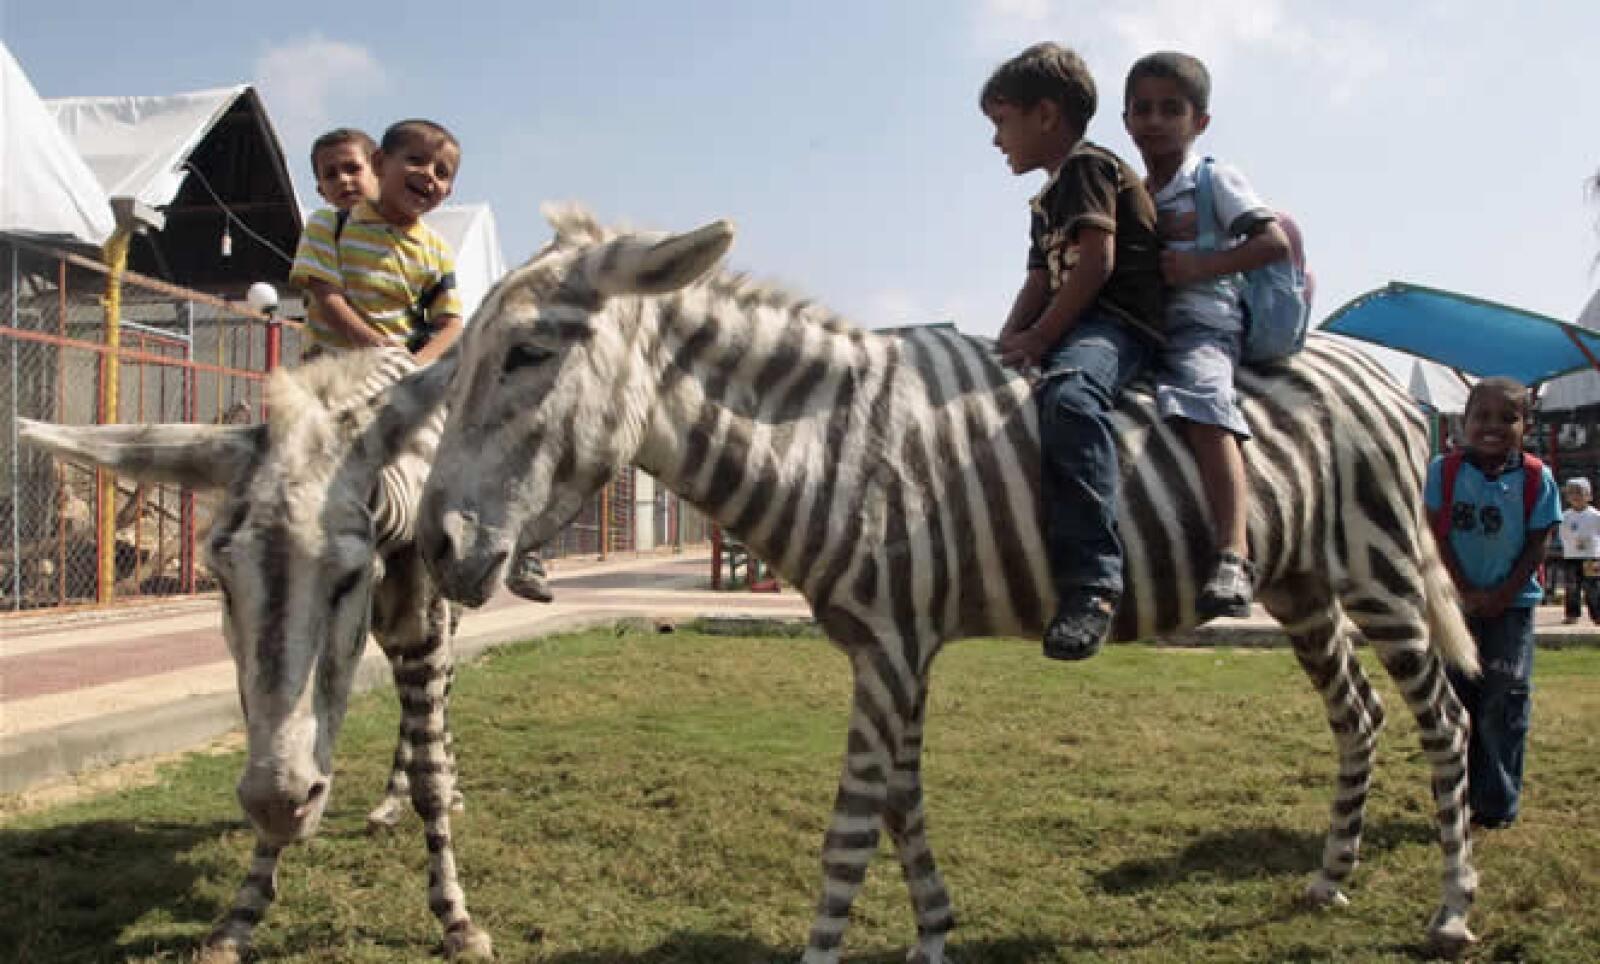 Un zoológico de Gaza muestra a dos burros blancos pintados en reposición de las cebras que murieron de hambre durante la ofensiva militar israelí de 2008. El dueño del zoológico afirma que hubiera costado demasiado llevar al animal real.